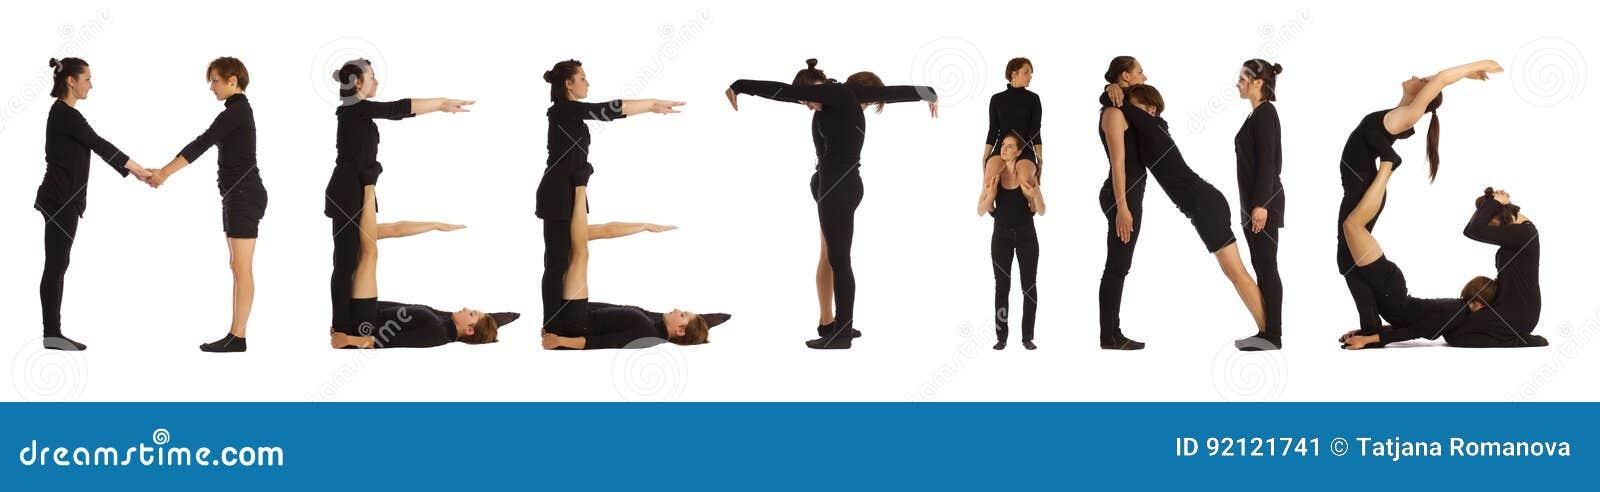 Black dressed people forming word MEETING